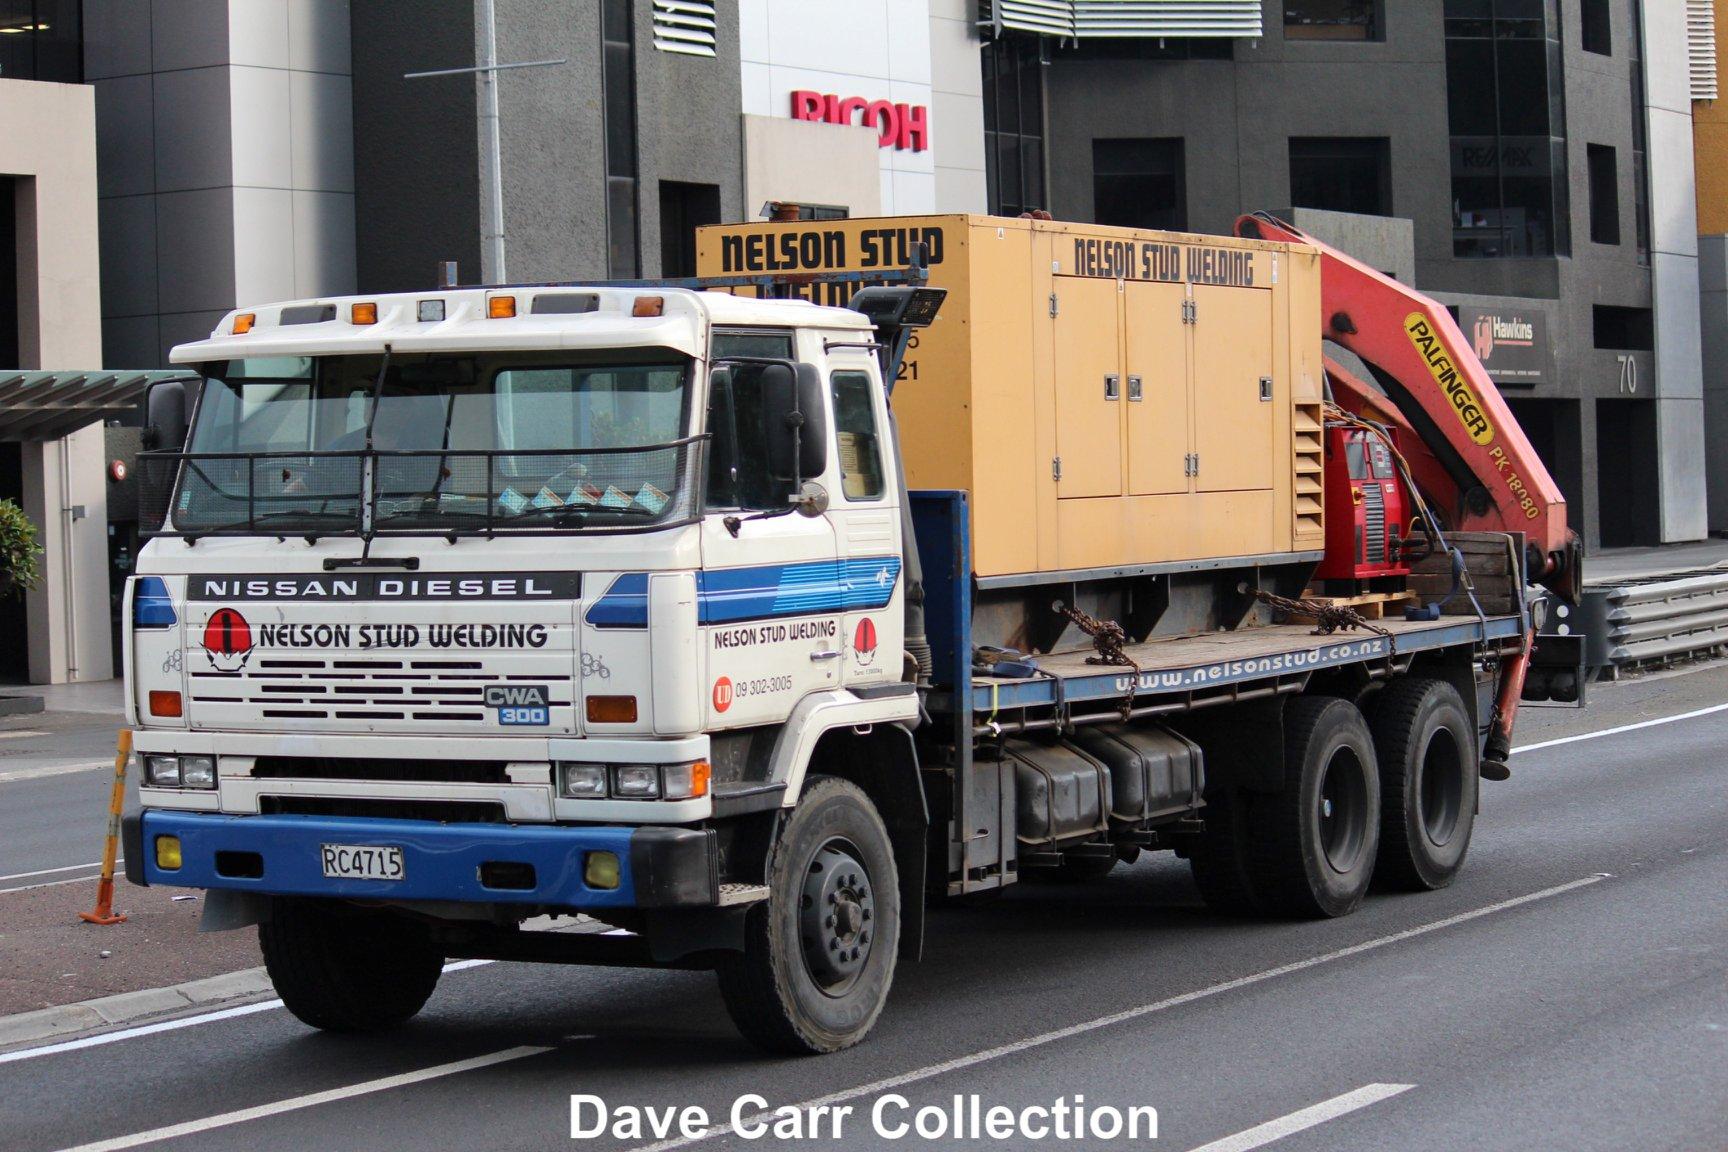 Nissan-Diesel-CWA-300--Auckland-11-3-2014